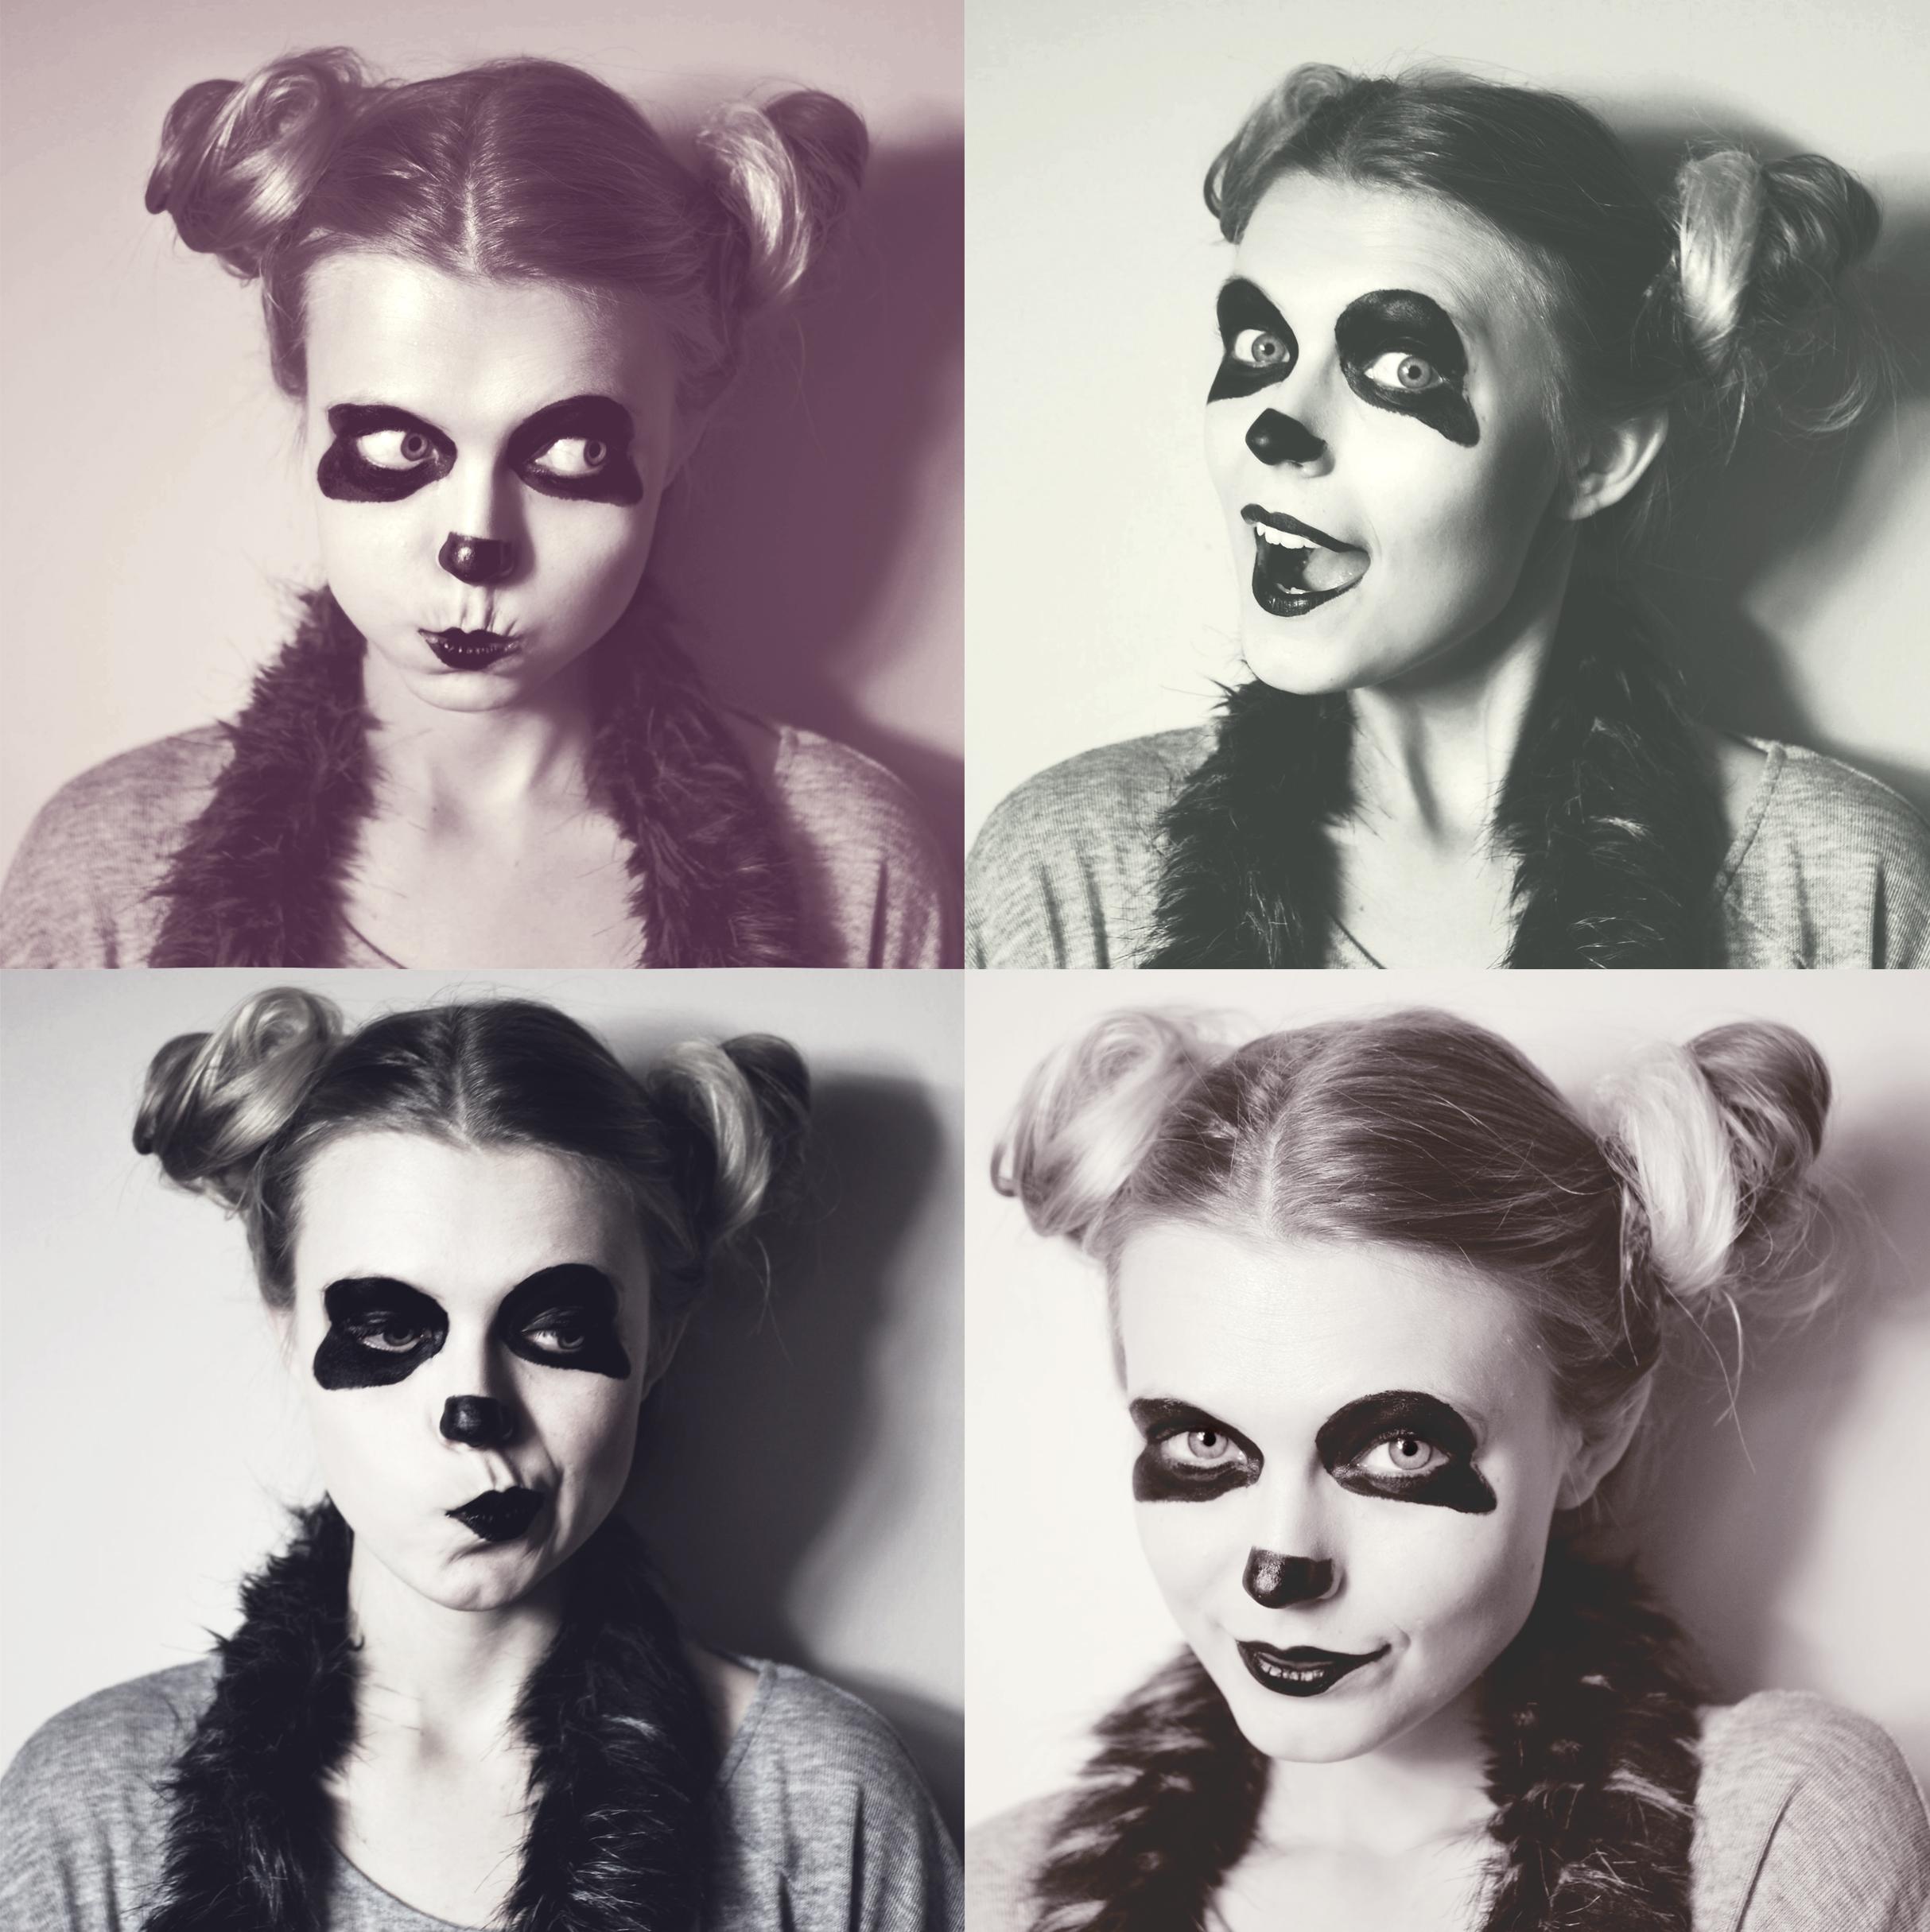 panda klaun